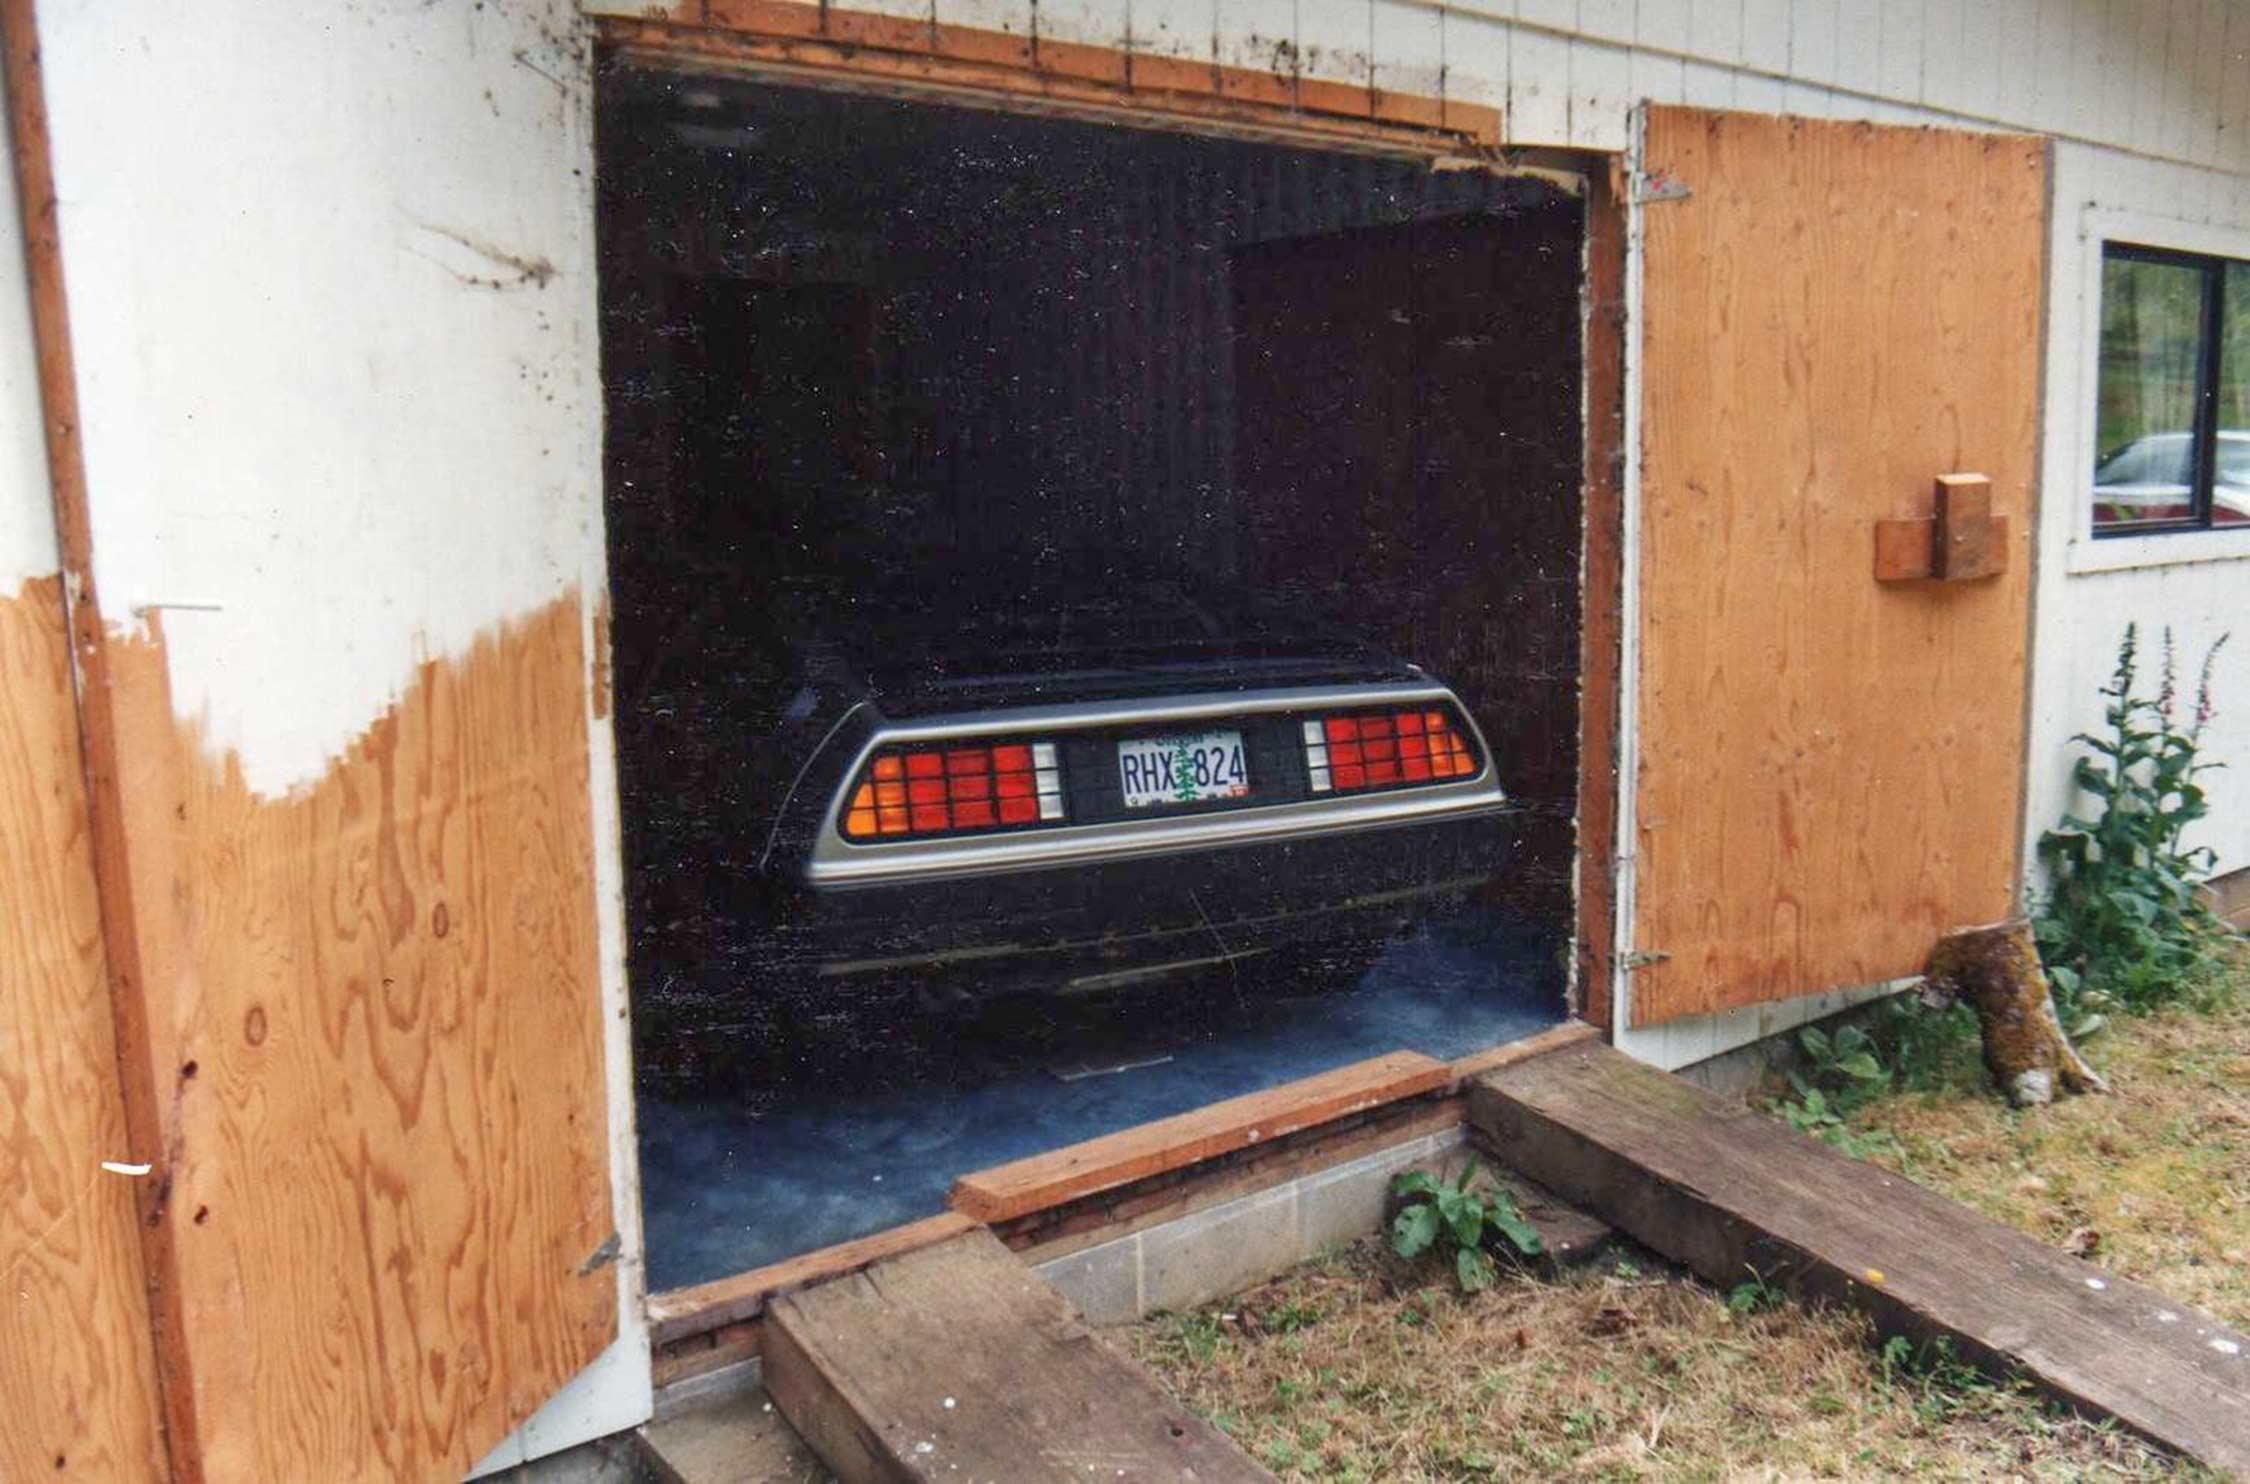 The DeLorean in the bedroom   DeLoreanDirectory.com